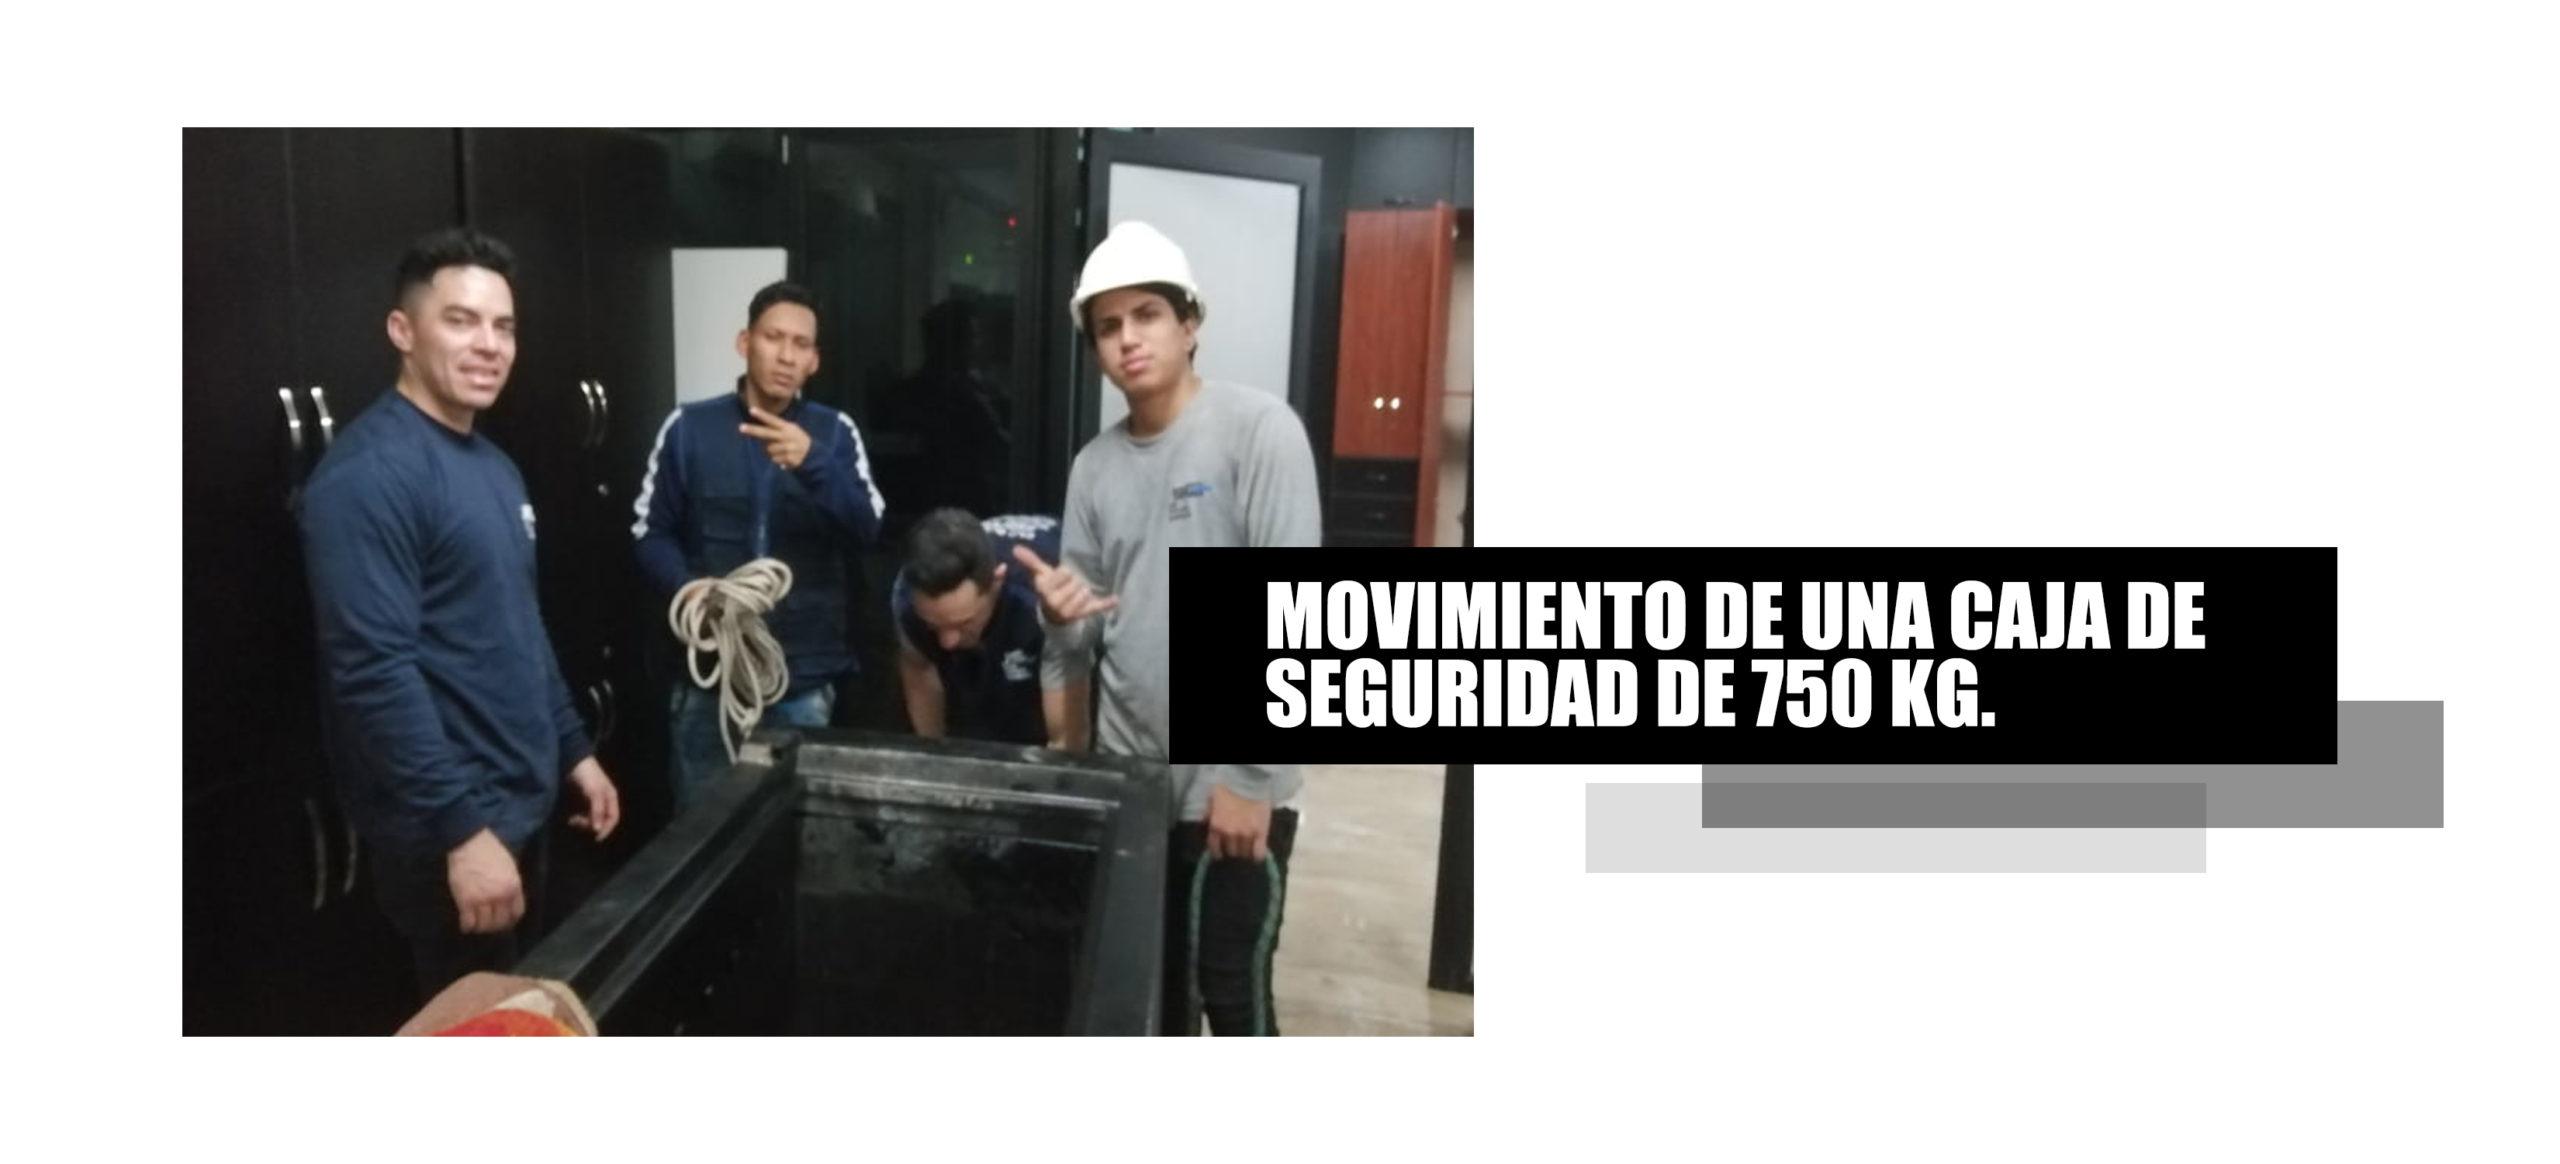 Traslado de cajas de seguridad en todo el Perú, servicio a nivel nacional.